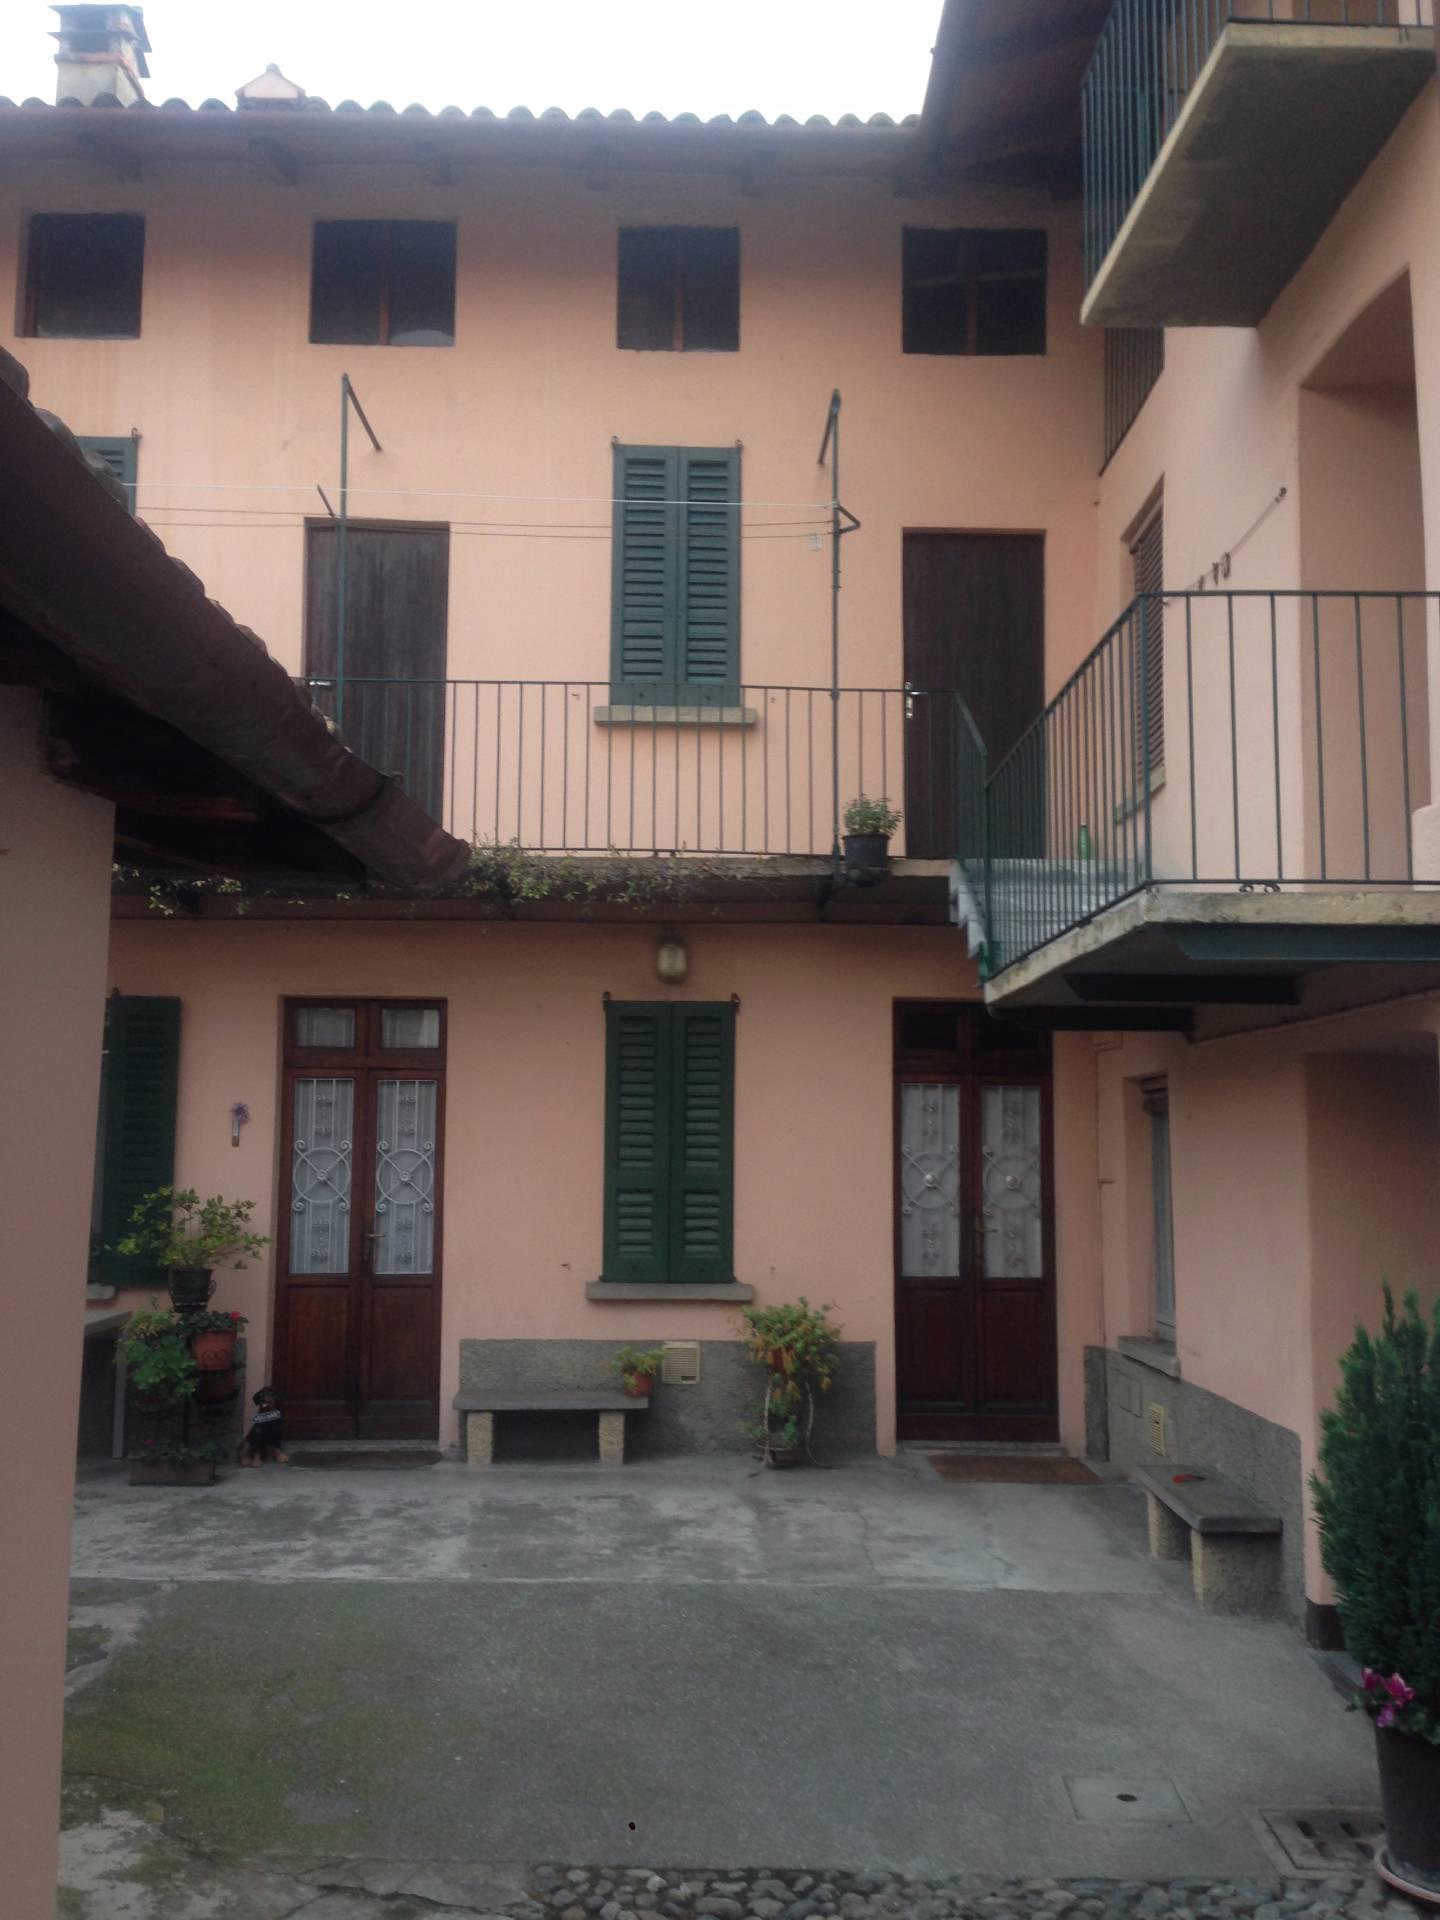 Soluzione Indipendente in vendita a Olginate, 6 locali, prezzo € 80.000 | Cambio Casa.it